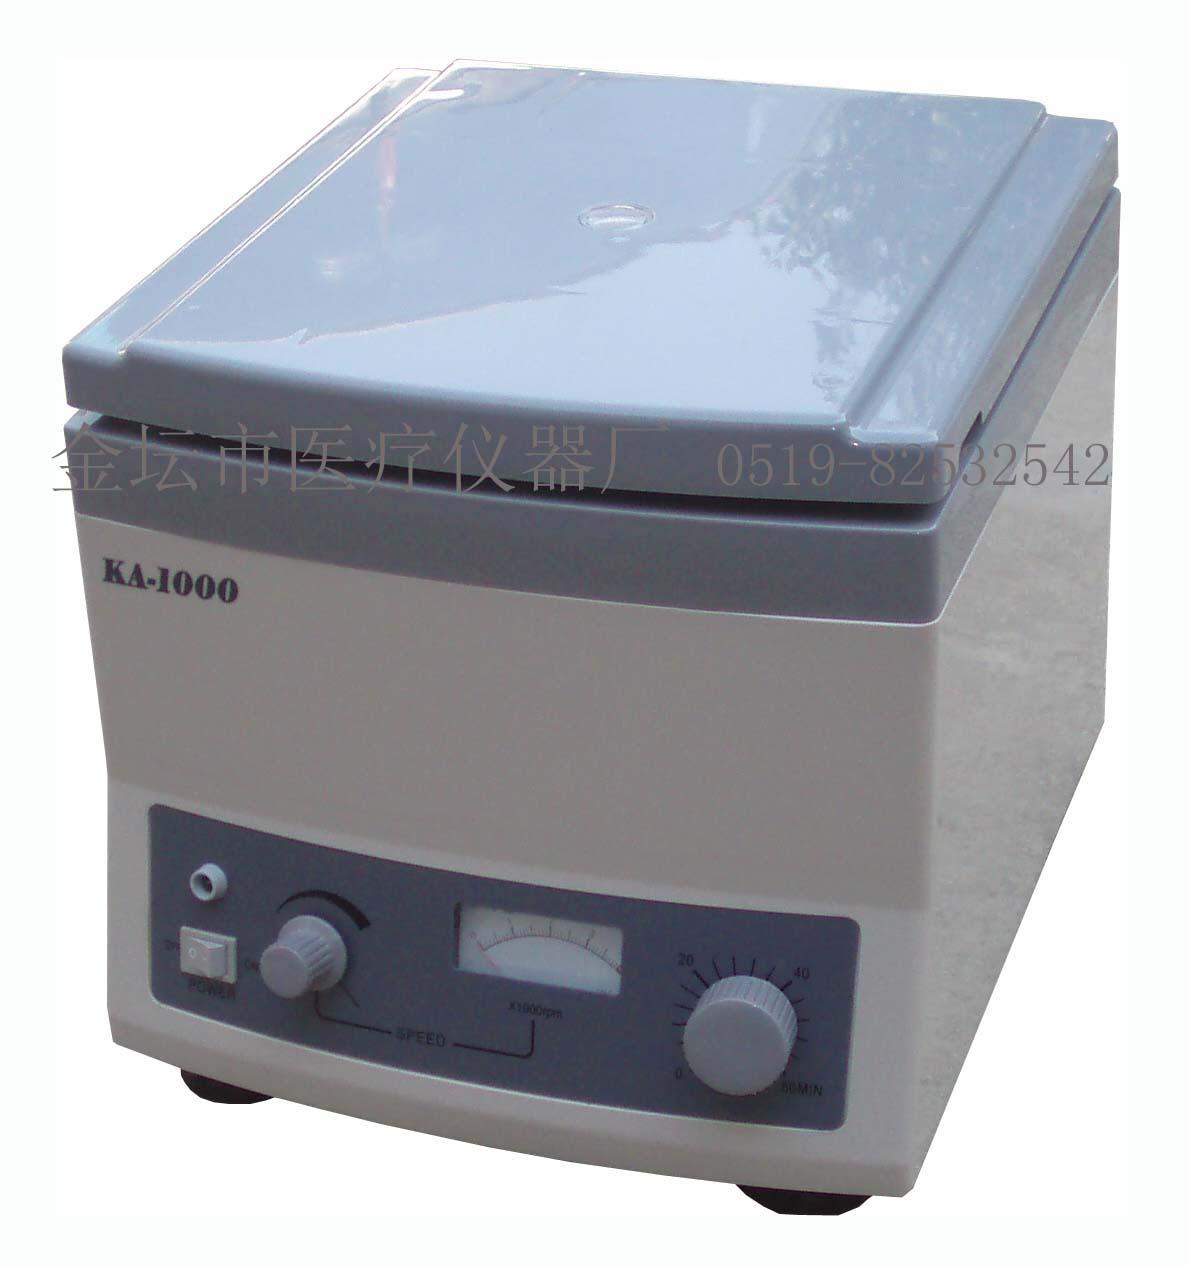 江苏金坛KA-1000低速台式离心机